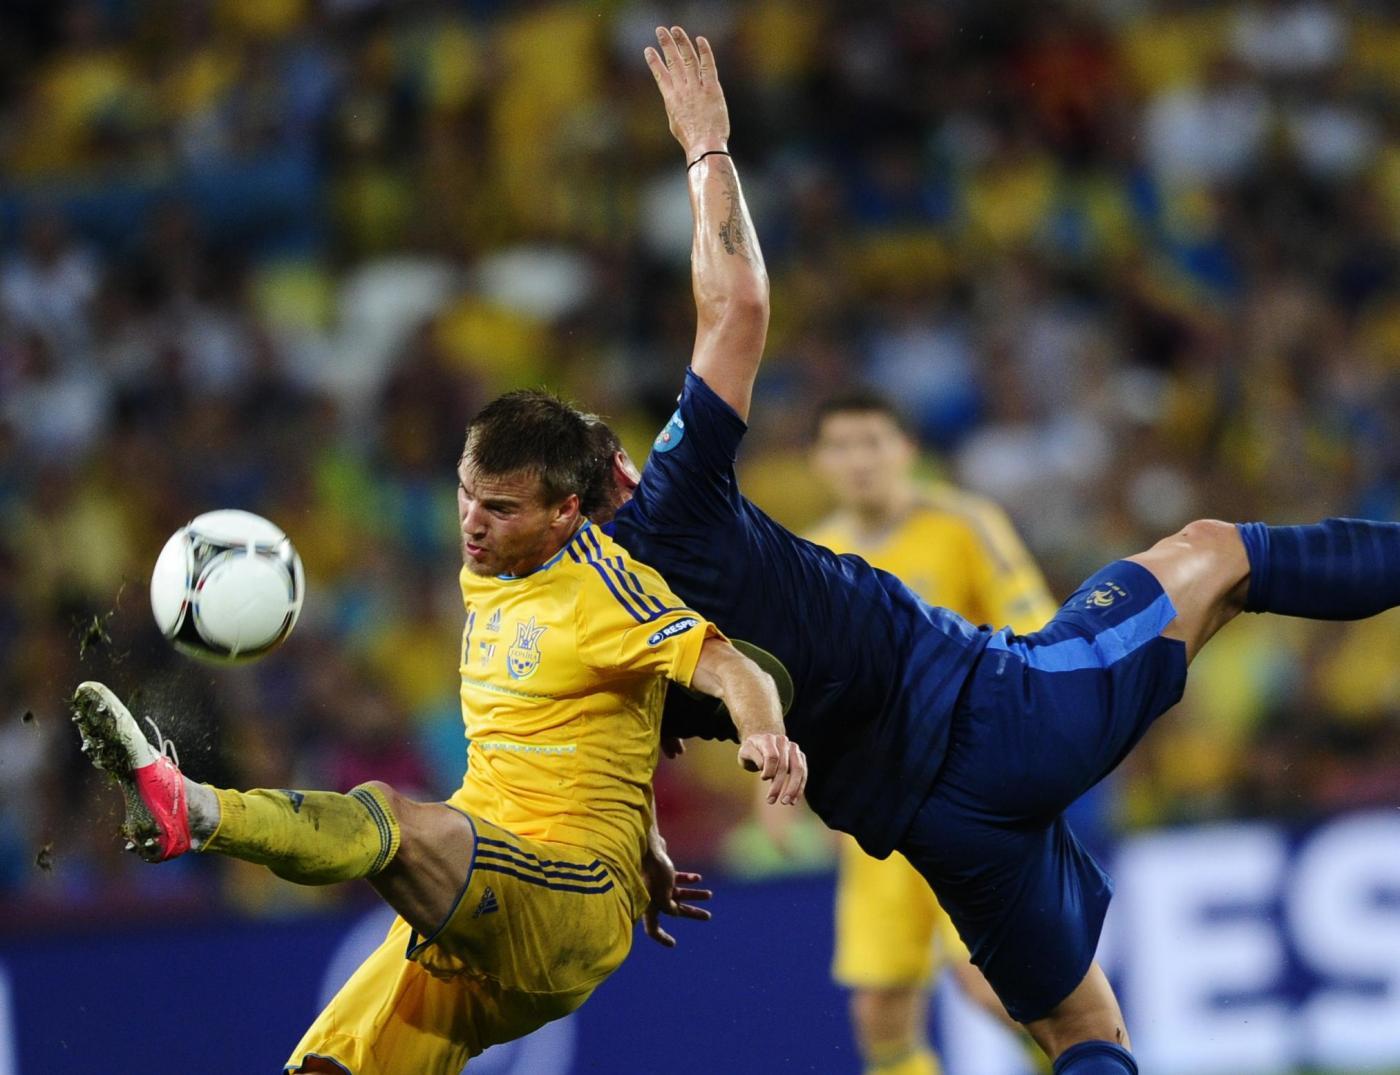 Ucraina Premier League martedì 30 luglio. In Ucraina si apre il campionato di Premier League. Parte la caccia allo Shakhtar